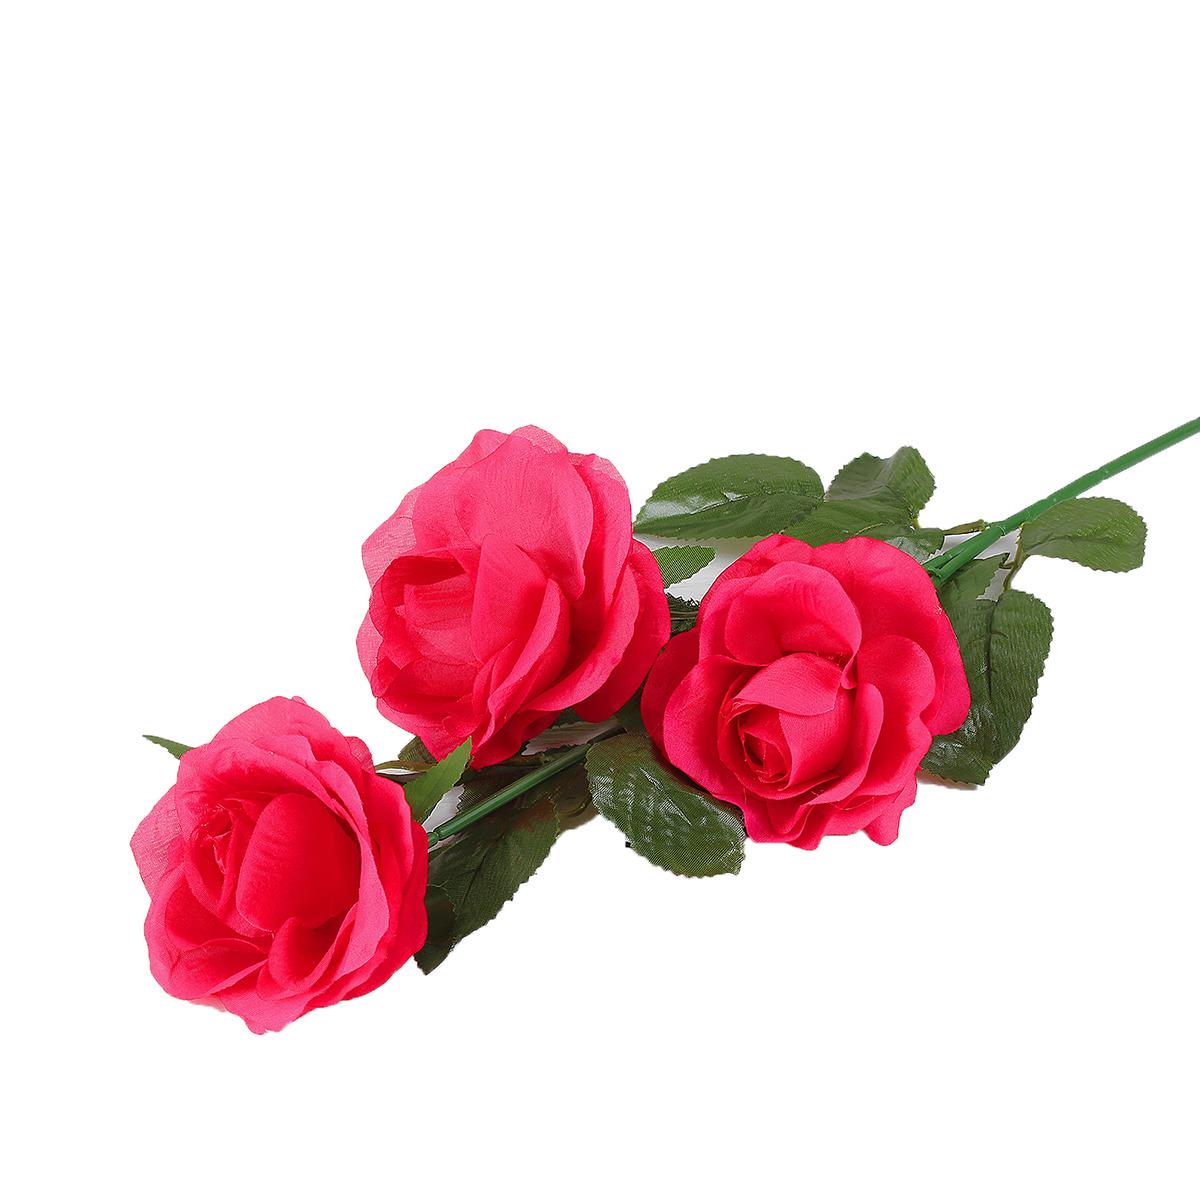 Искусственные цветы Роза Жанна, 2578227, малиновый, 61 см